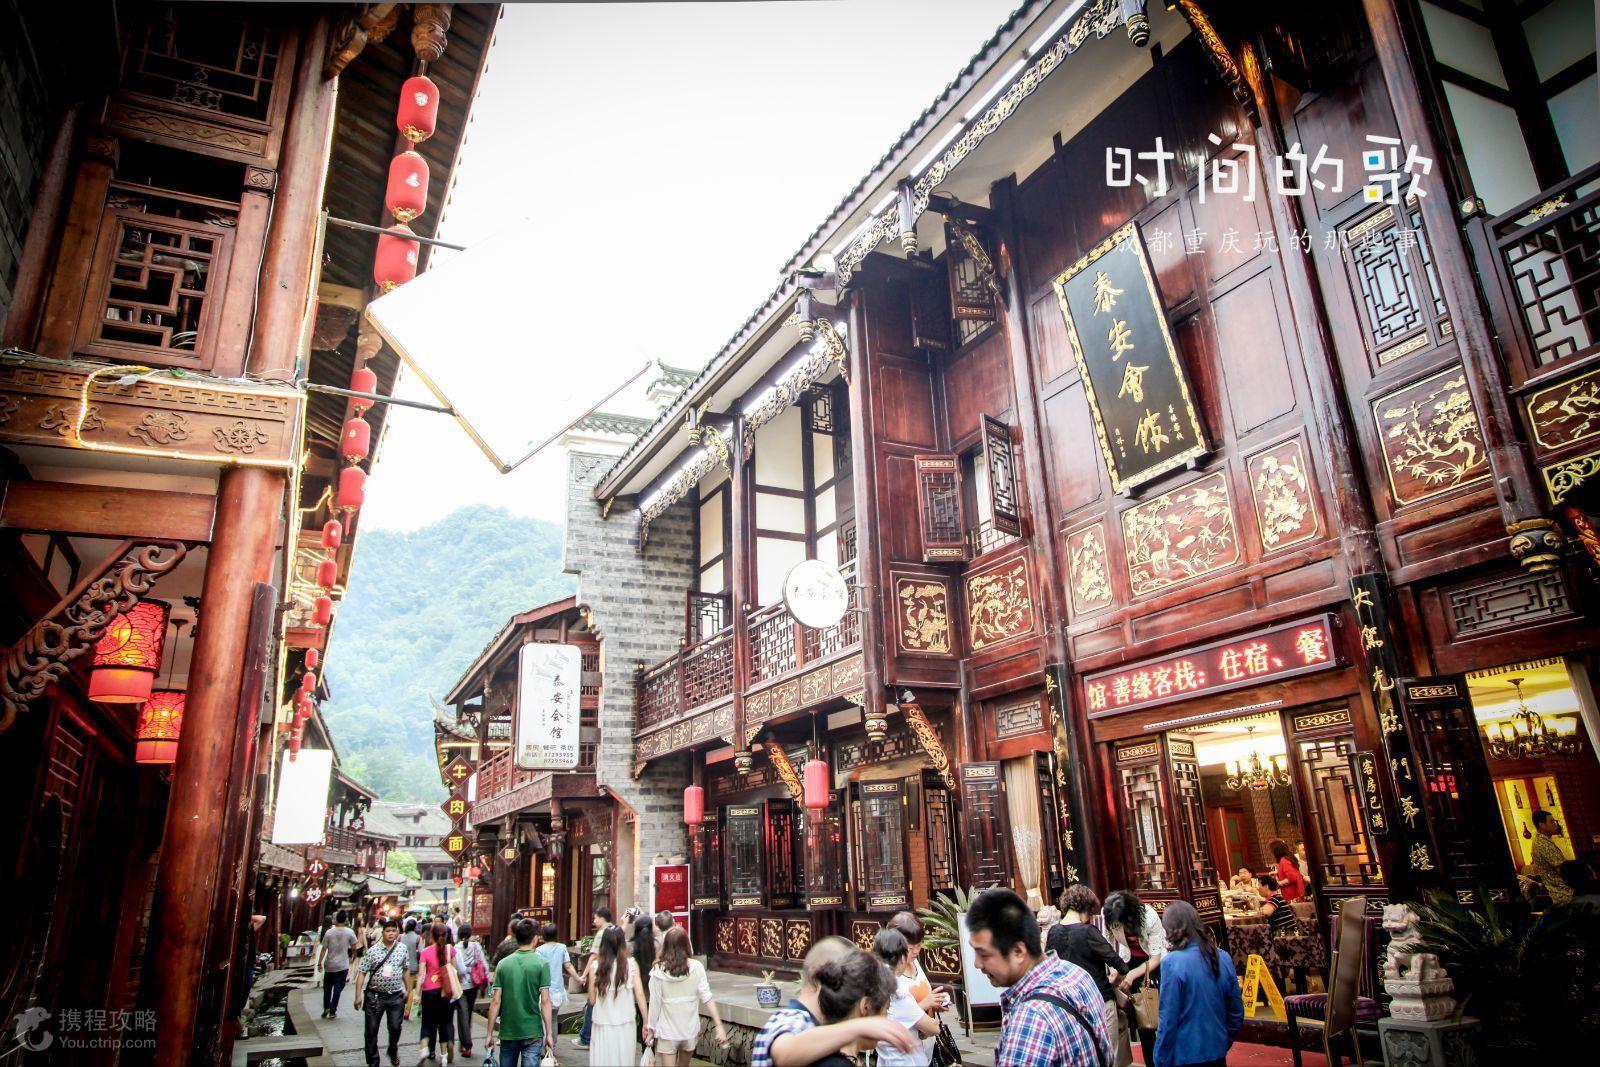 都江堰最不虚此行的几个景点,风景诱人令人陶醉!